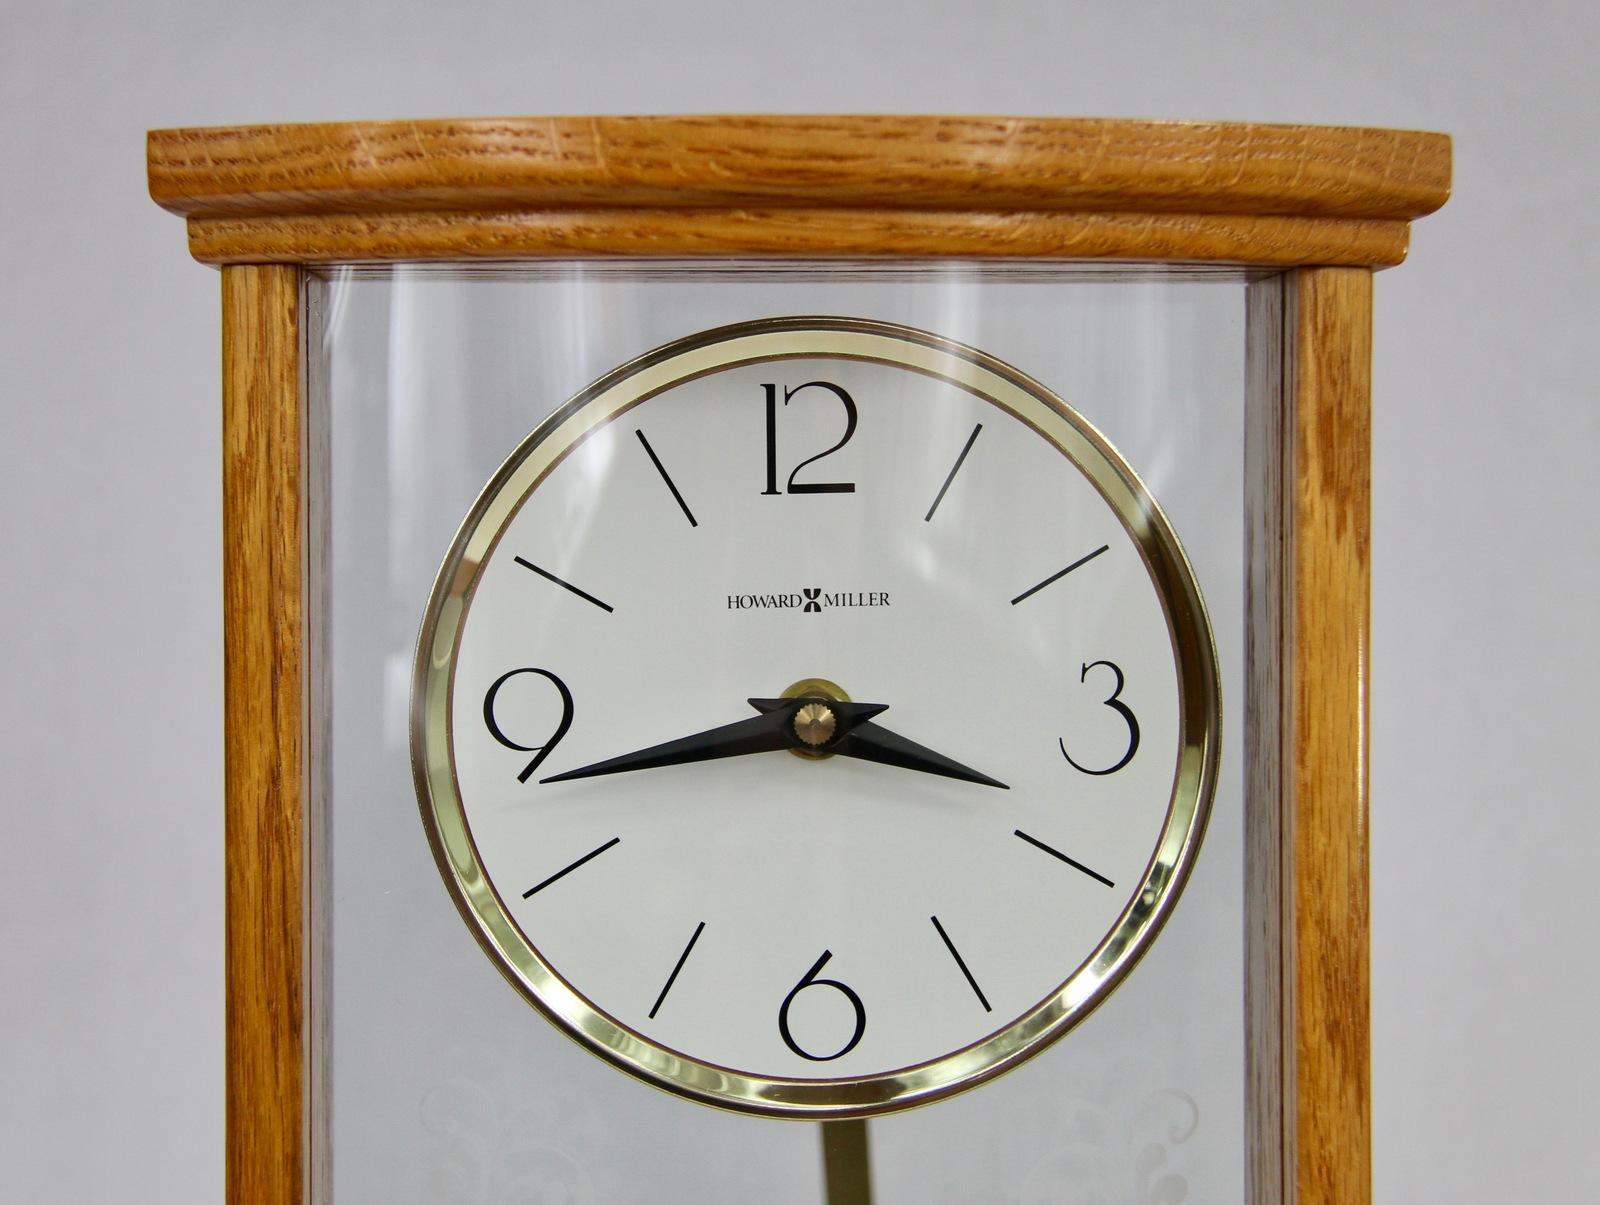 Howard Miller Modern Mantel Clock with a Solid Oak Frame